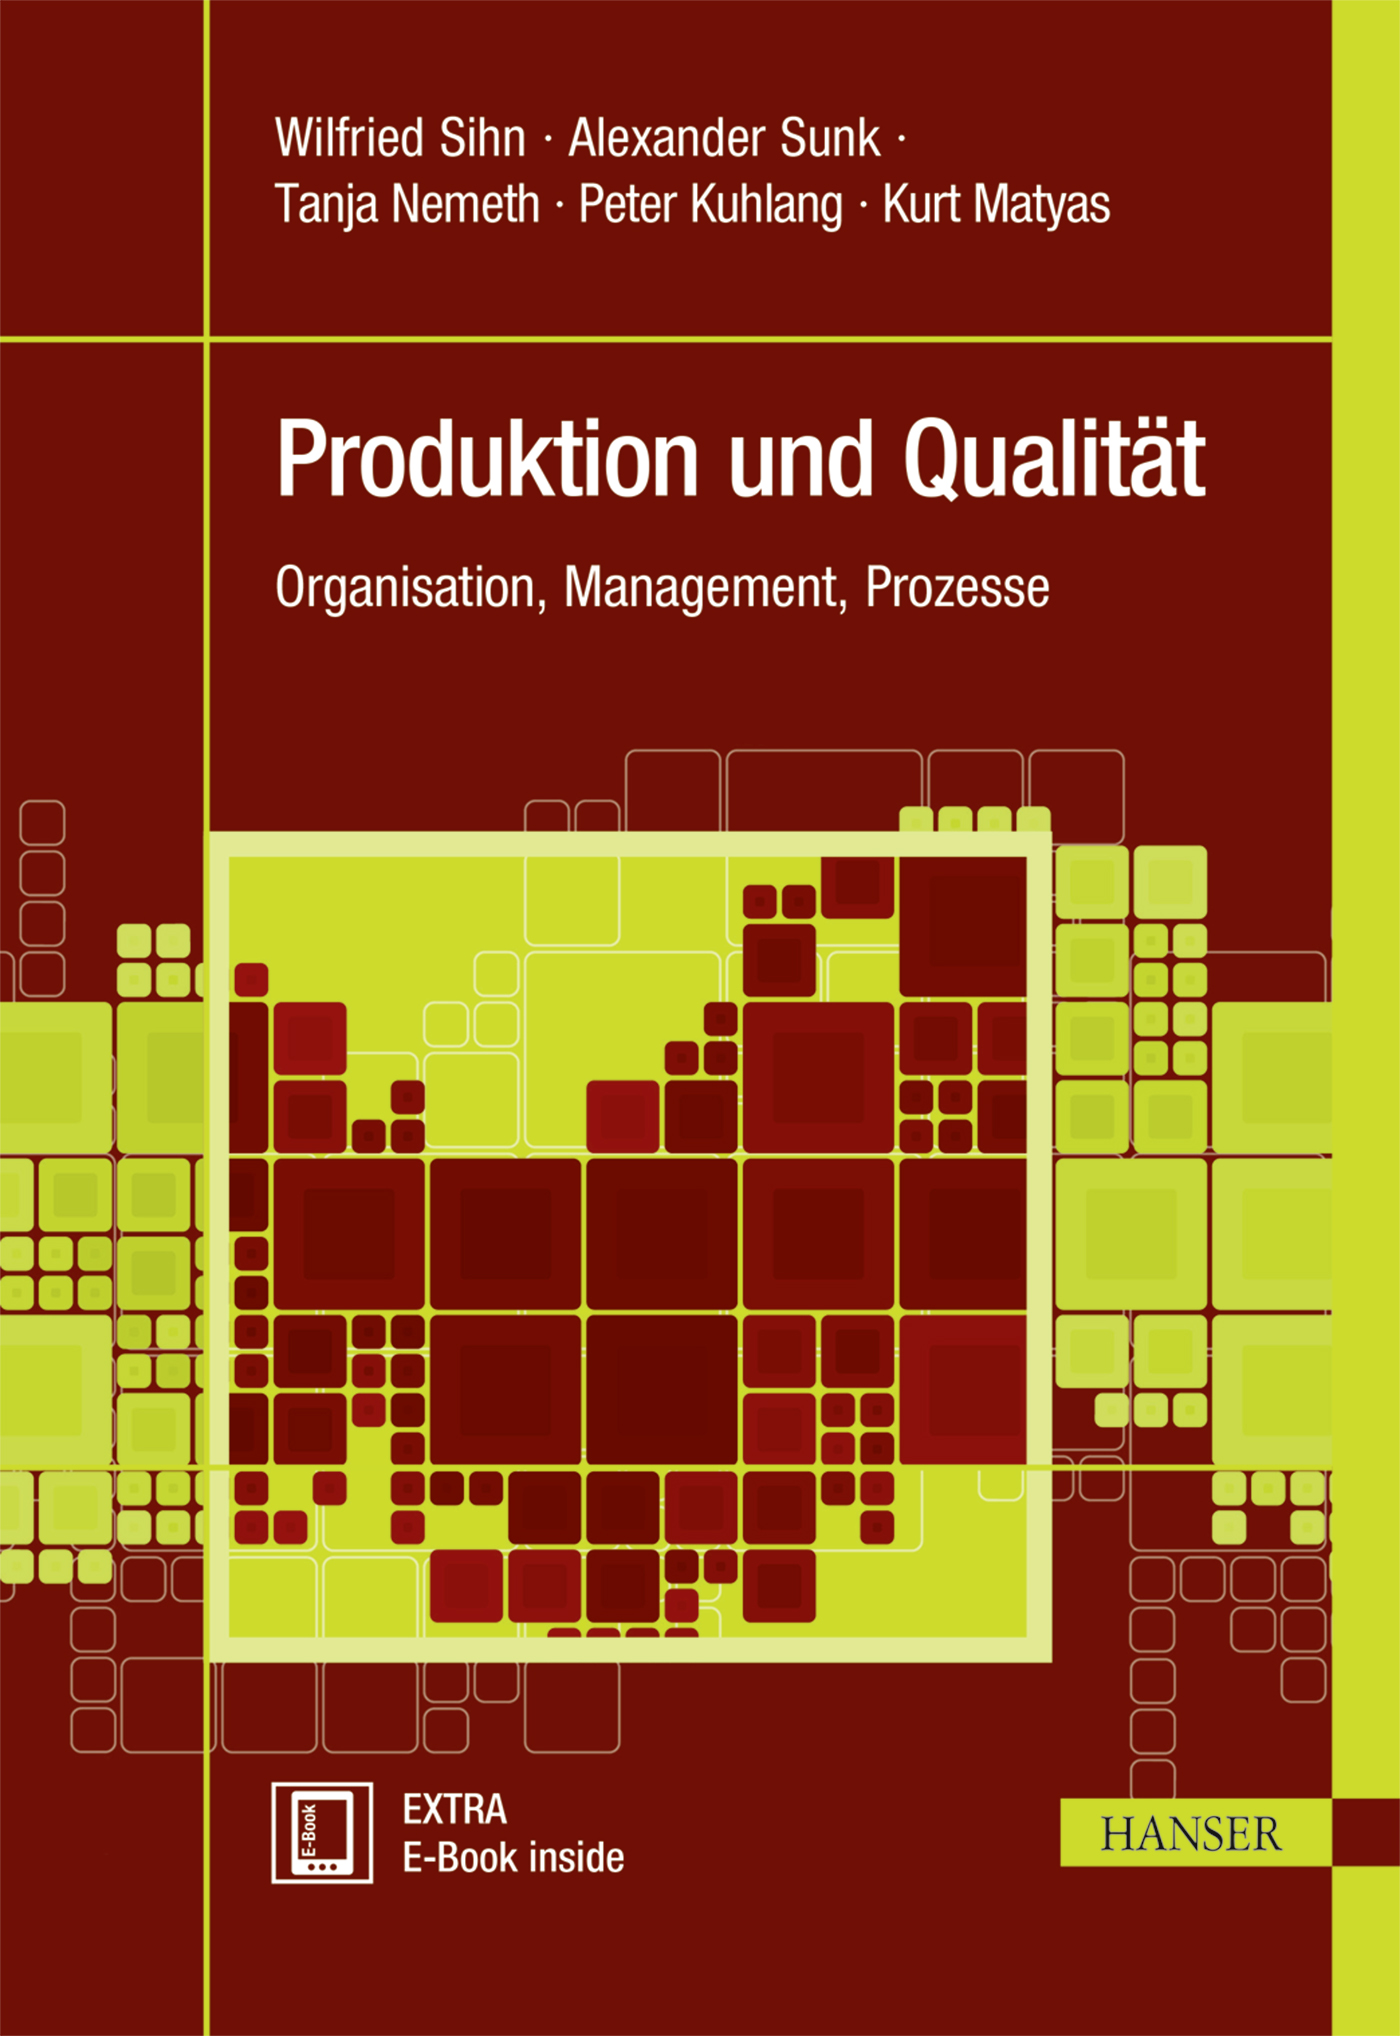 Sihn, Sunk, Nemeth, Kuhlang, Matyas, Produktion und Qualität, 978-3-446-44735-6